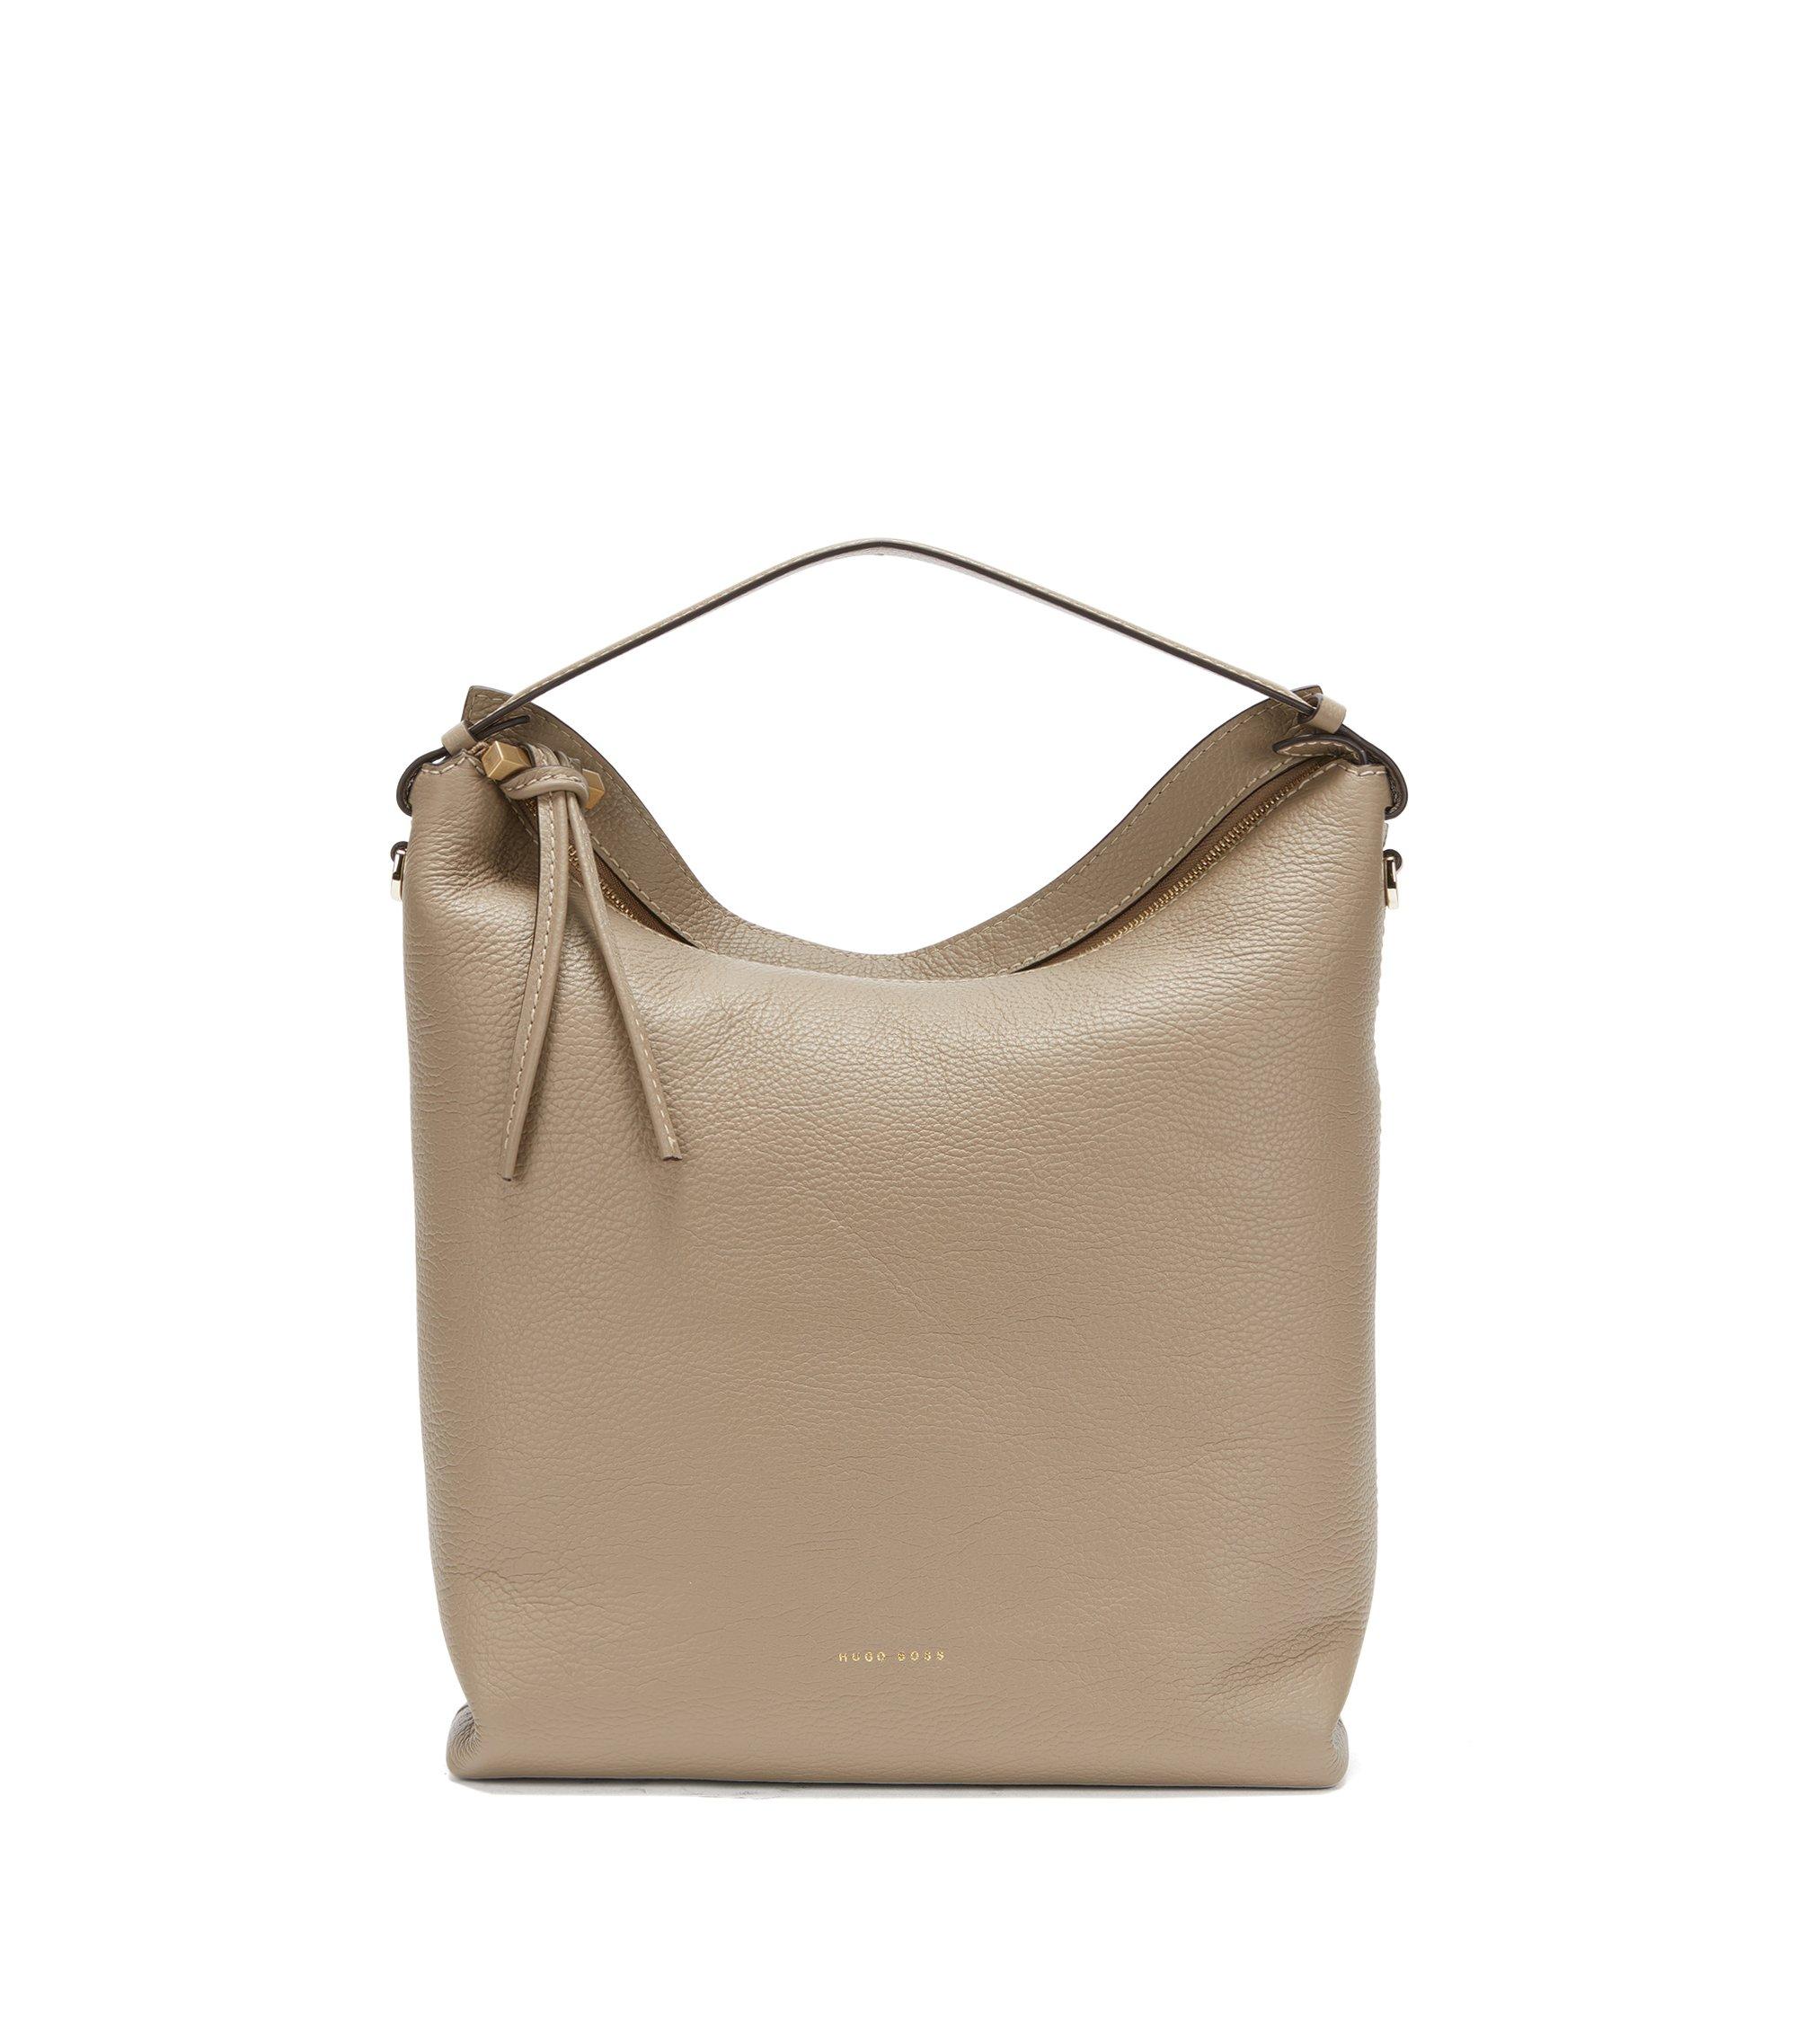 BOSS Bespoke Hobo Bag aus italienischem Leder, Beige